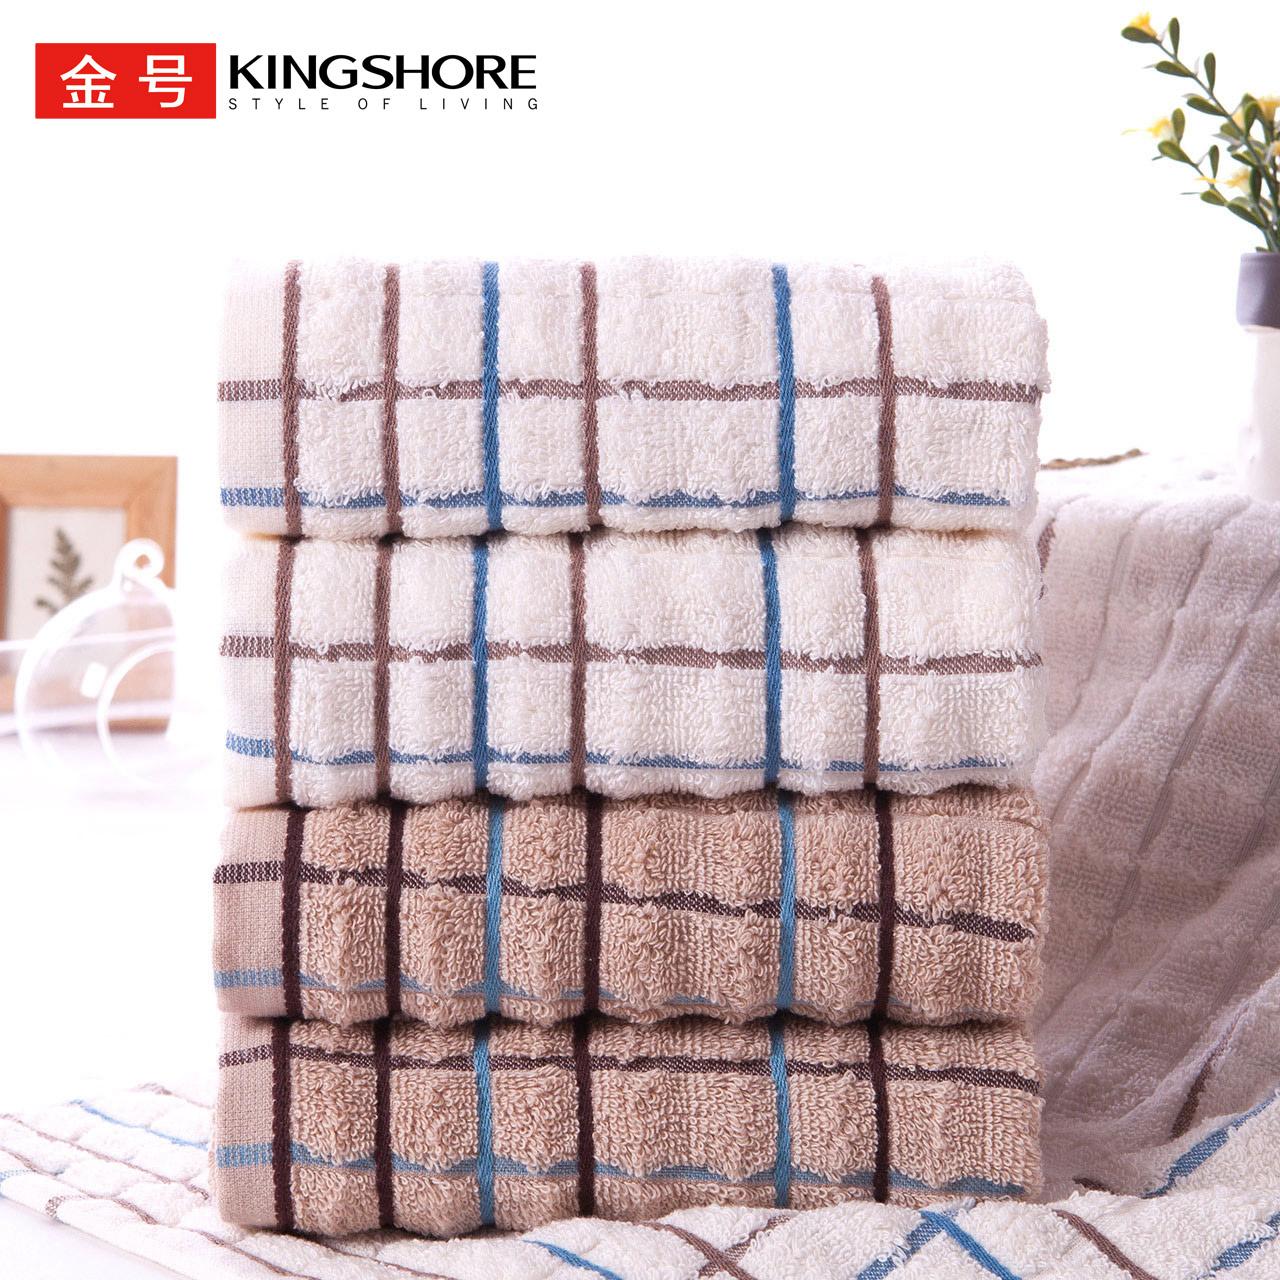 Khăn tắm bằng vàng thấm nước cotton thấm nước mặt mùa hè mỏng phần khô nhanh hộ gia đình bốn gói khăn nam nữ - Khăn tắm / áo choàng tắm